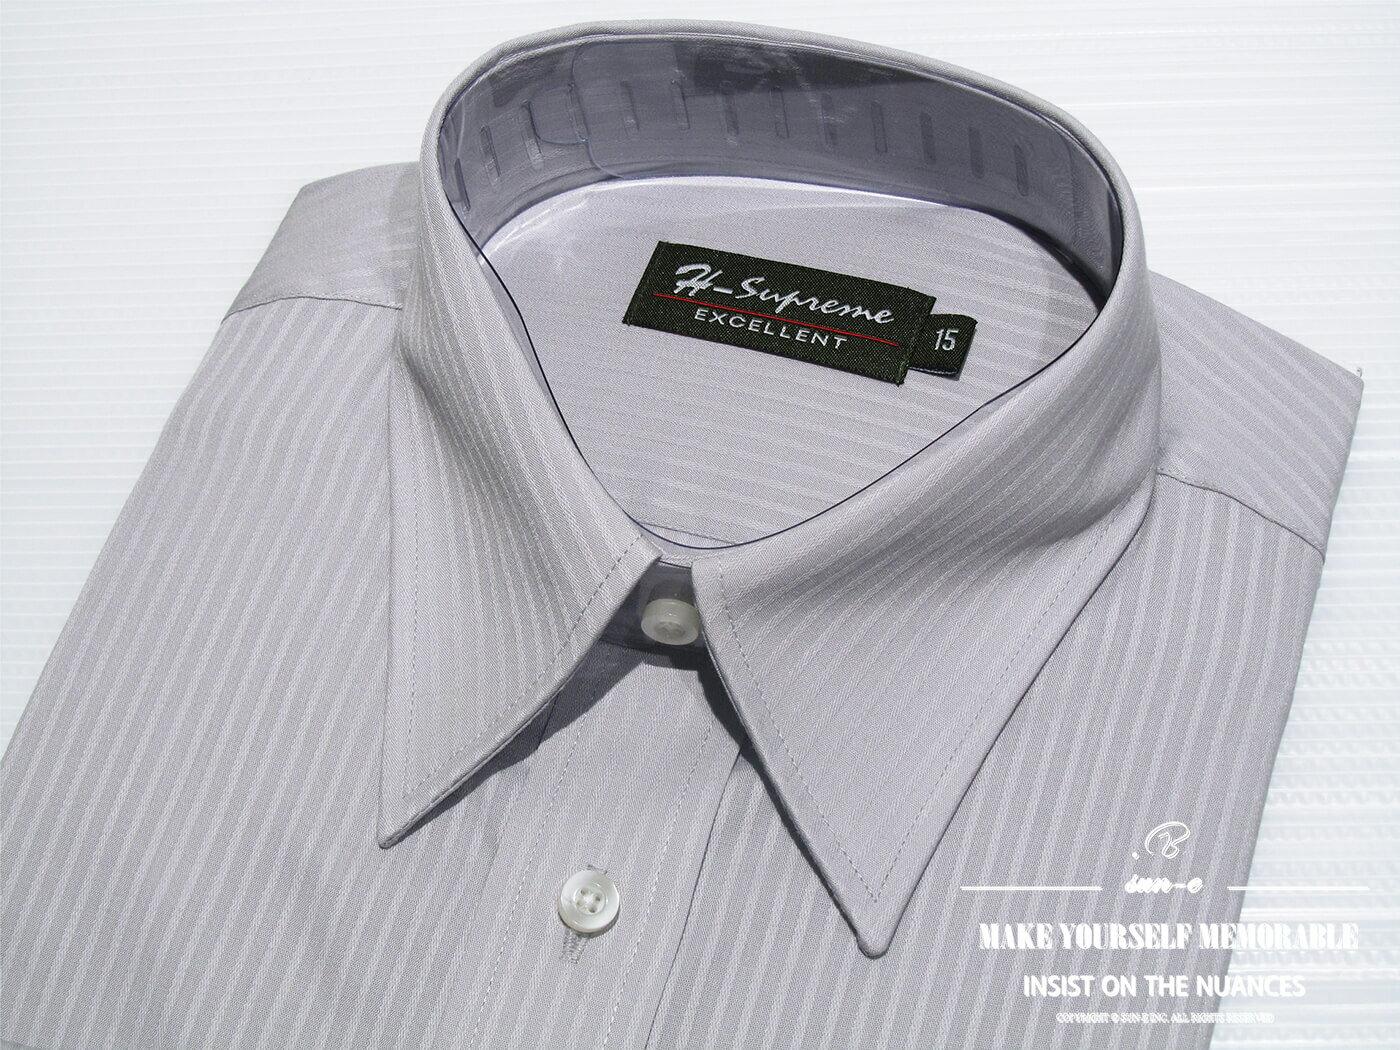 腰身剪裁正式襯衫 直條紋襯衫 舒適標準襯衫 面試襯衫 上班族襯衫 商務襯衫 長袖襯衫 不皺免燙襯衫 (322-3794)淺藍直條紋、(322-3795)淺灰直條紋 領圍:15~18英吋 [實體店面保障] sun-e322 6